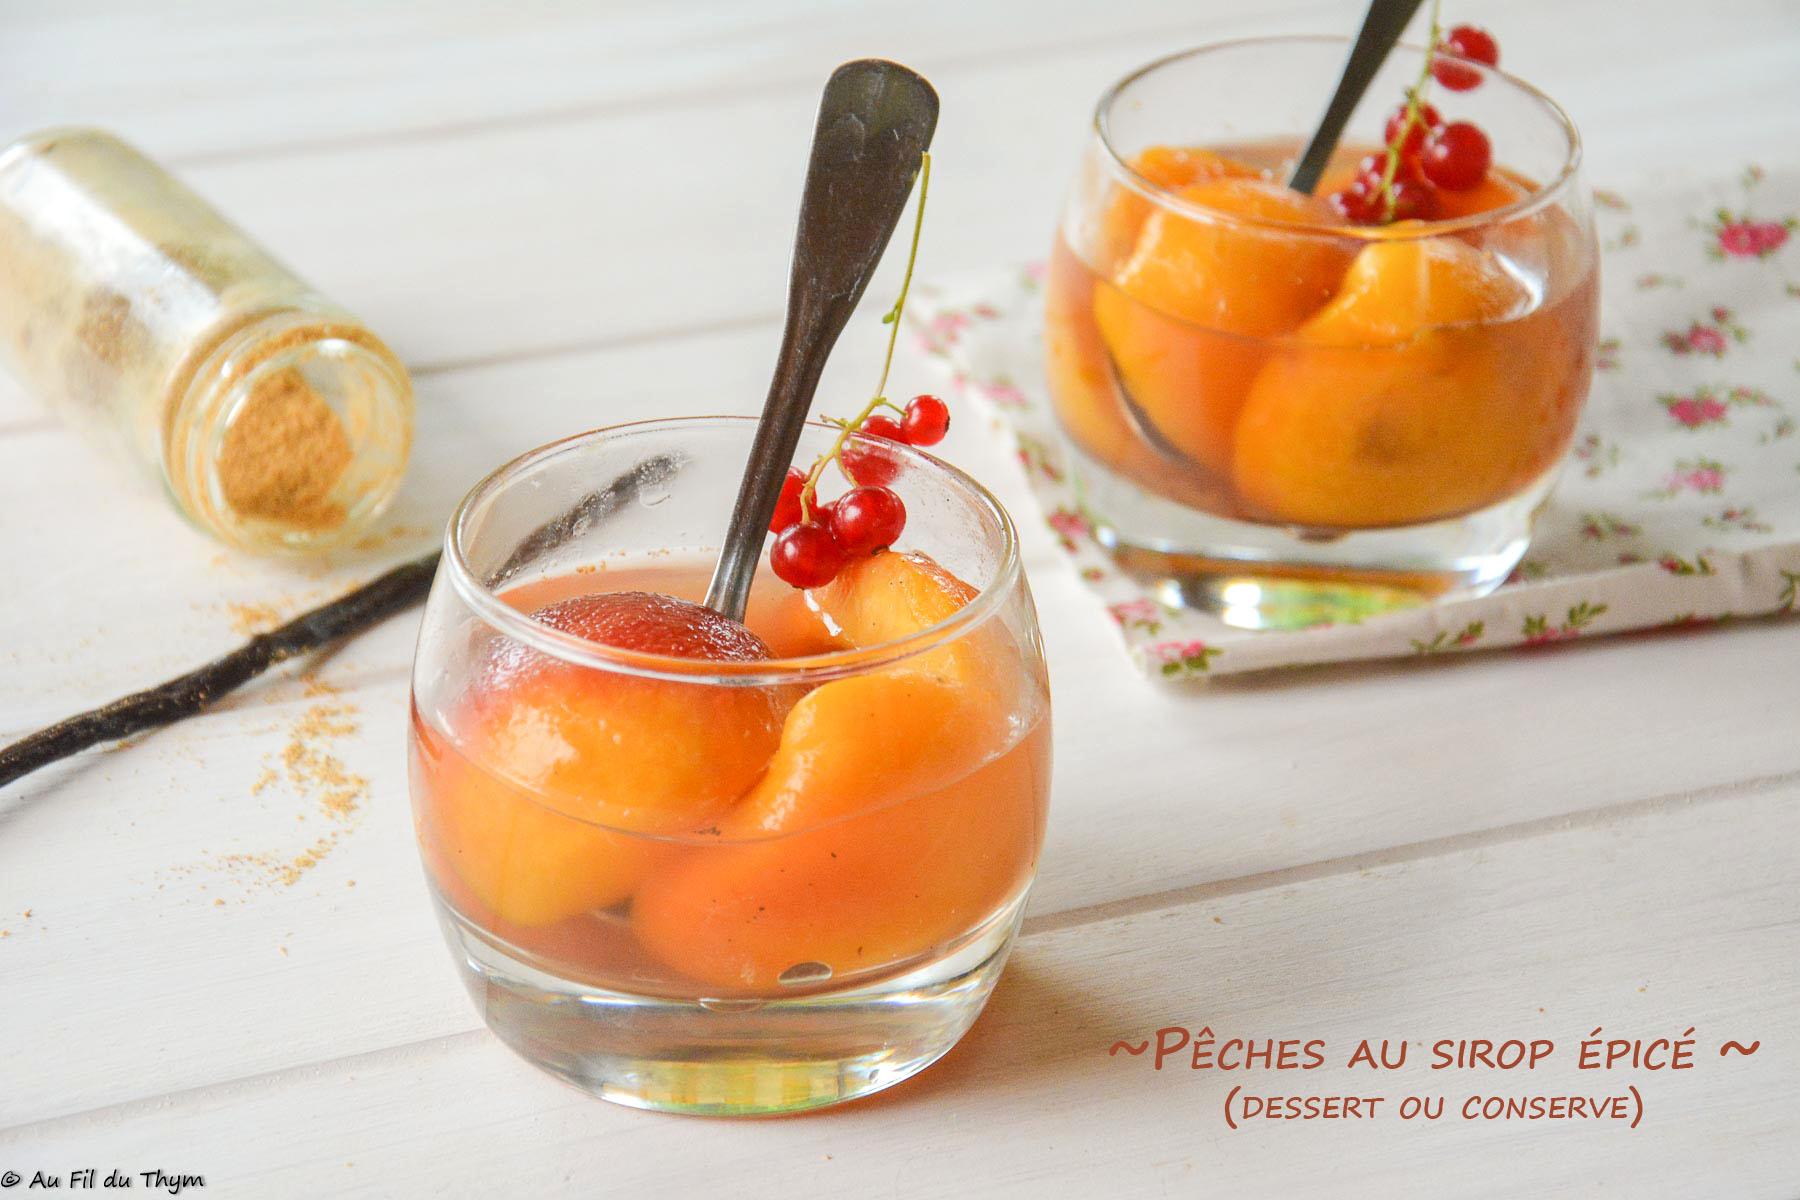 Pêches au sirop épicé (au dessert ou en conserve)